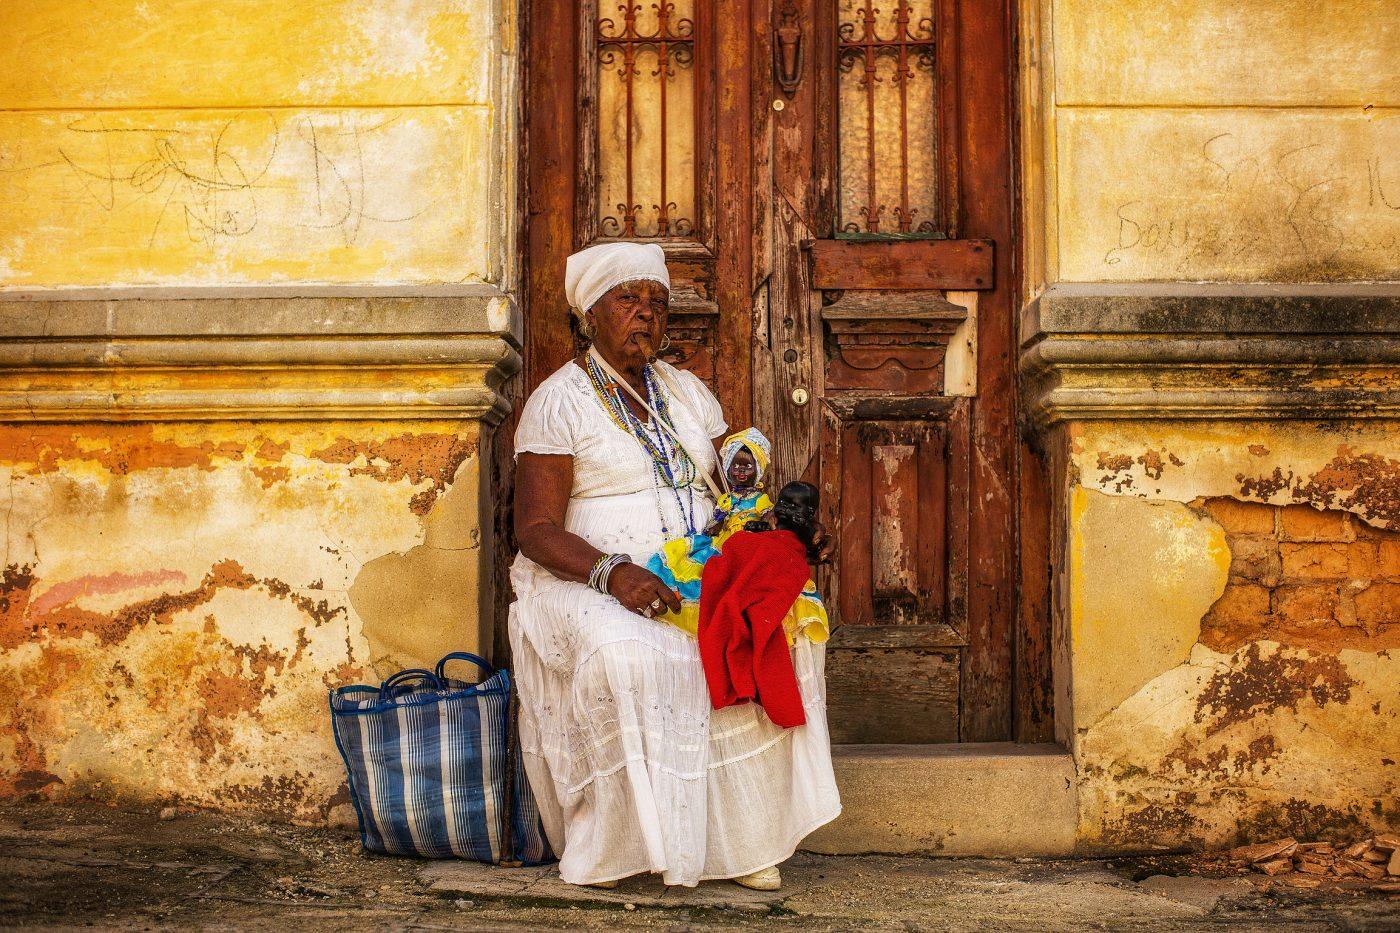 Cuba (20) by Robin Yong